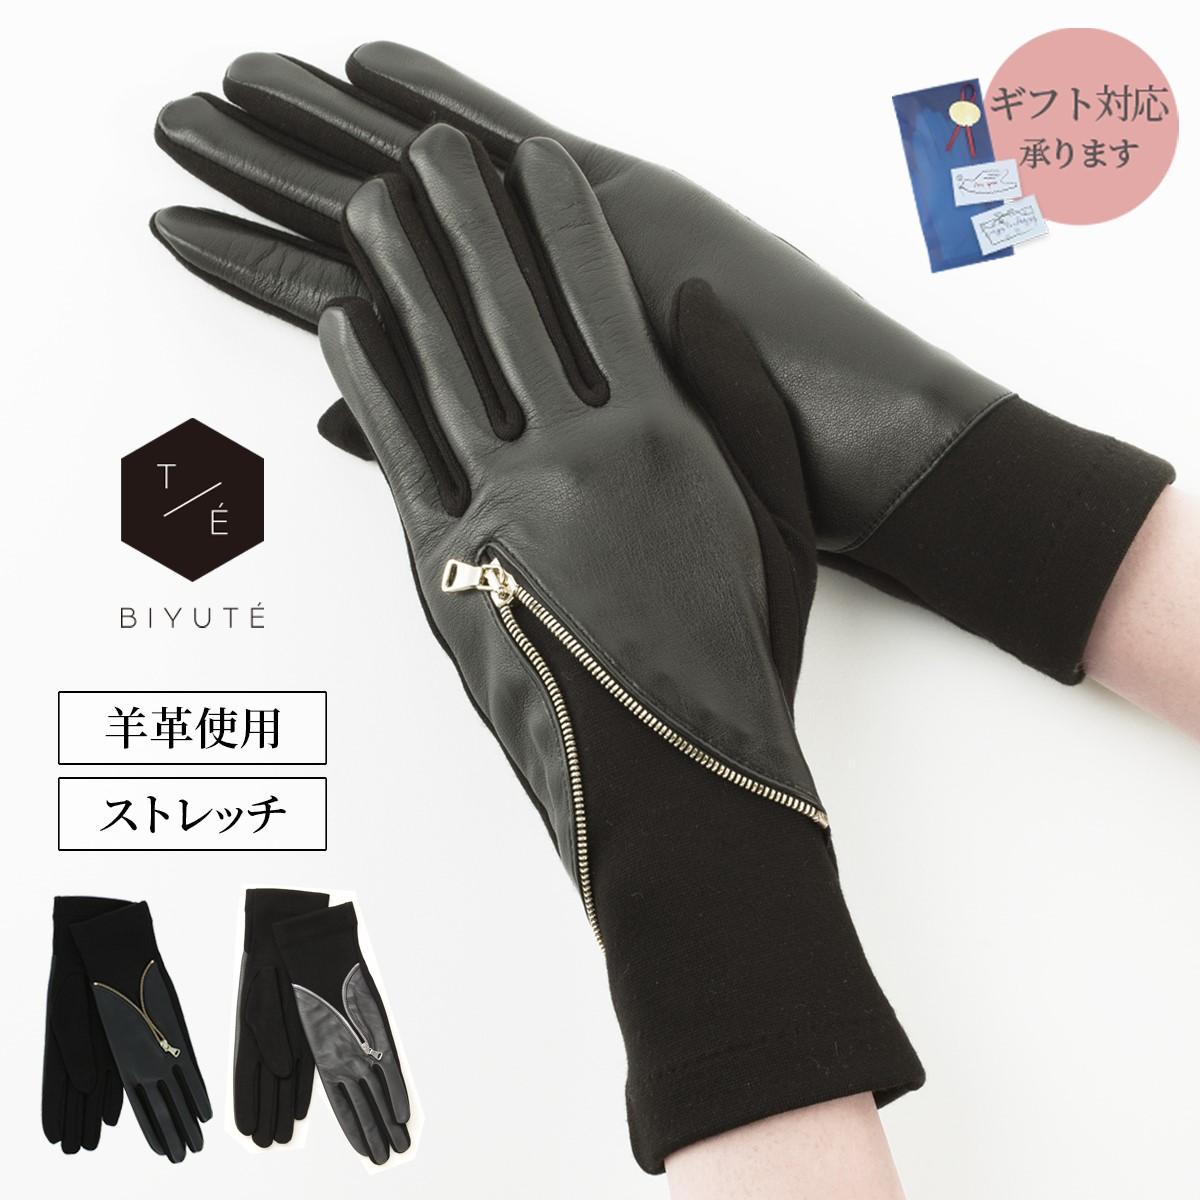 【キャッシュレス還元】 BIYUTE レディース 女性用 ジャージ手袋 | てぶくろ ギフト プレゼント ちょっと長め丈 甲側レザー ジッパーがクール ストレッチ素材 Mサイズ 全2色